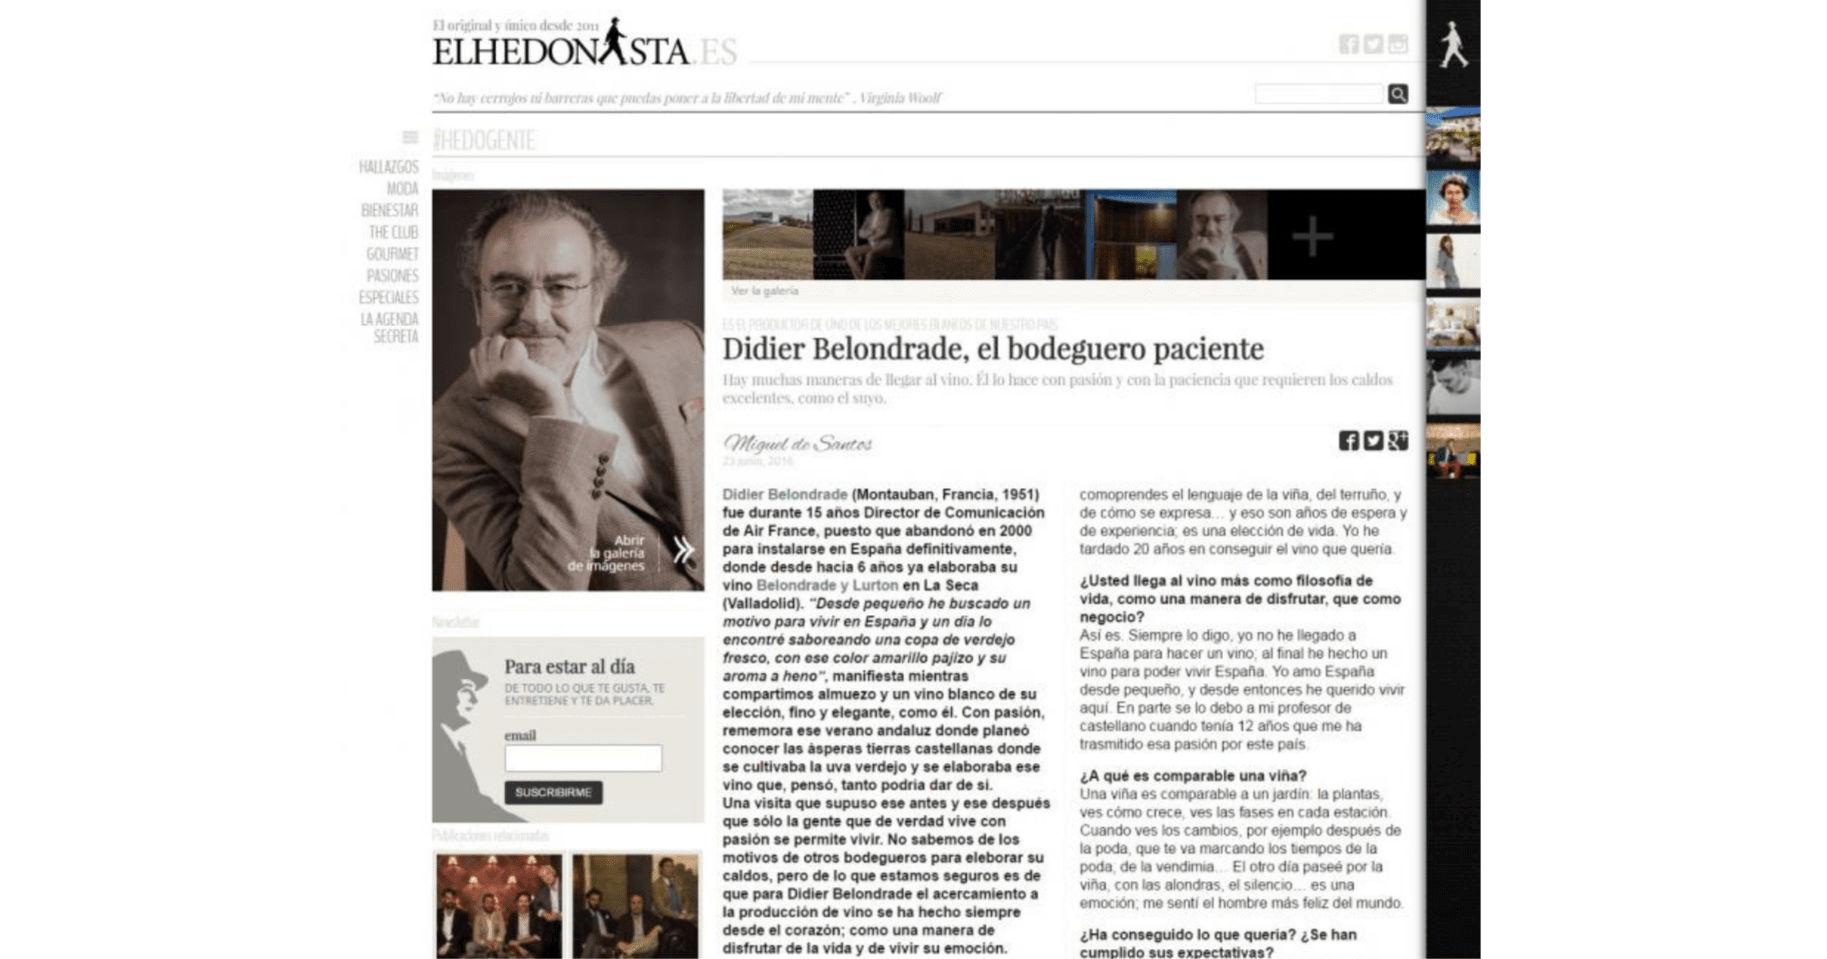 Entrevista a Didier Belondrade - El Hedonista por Miguel Santos